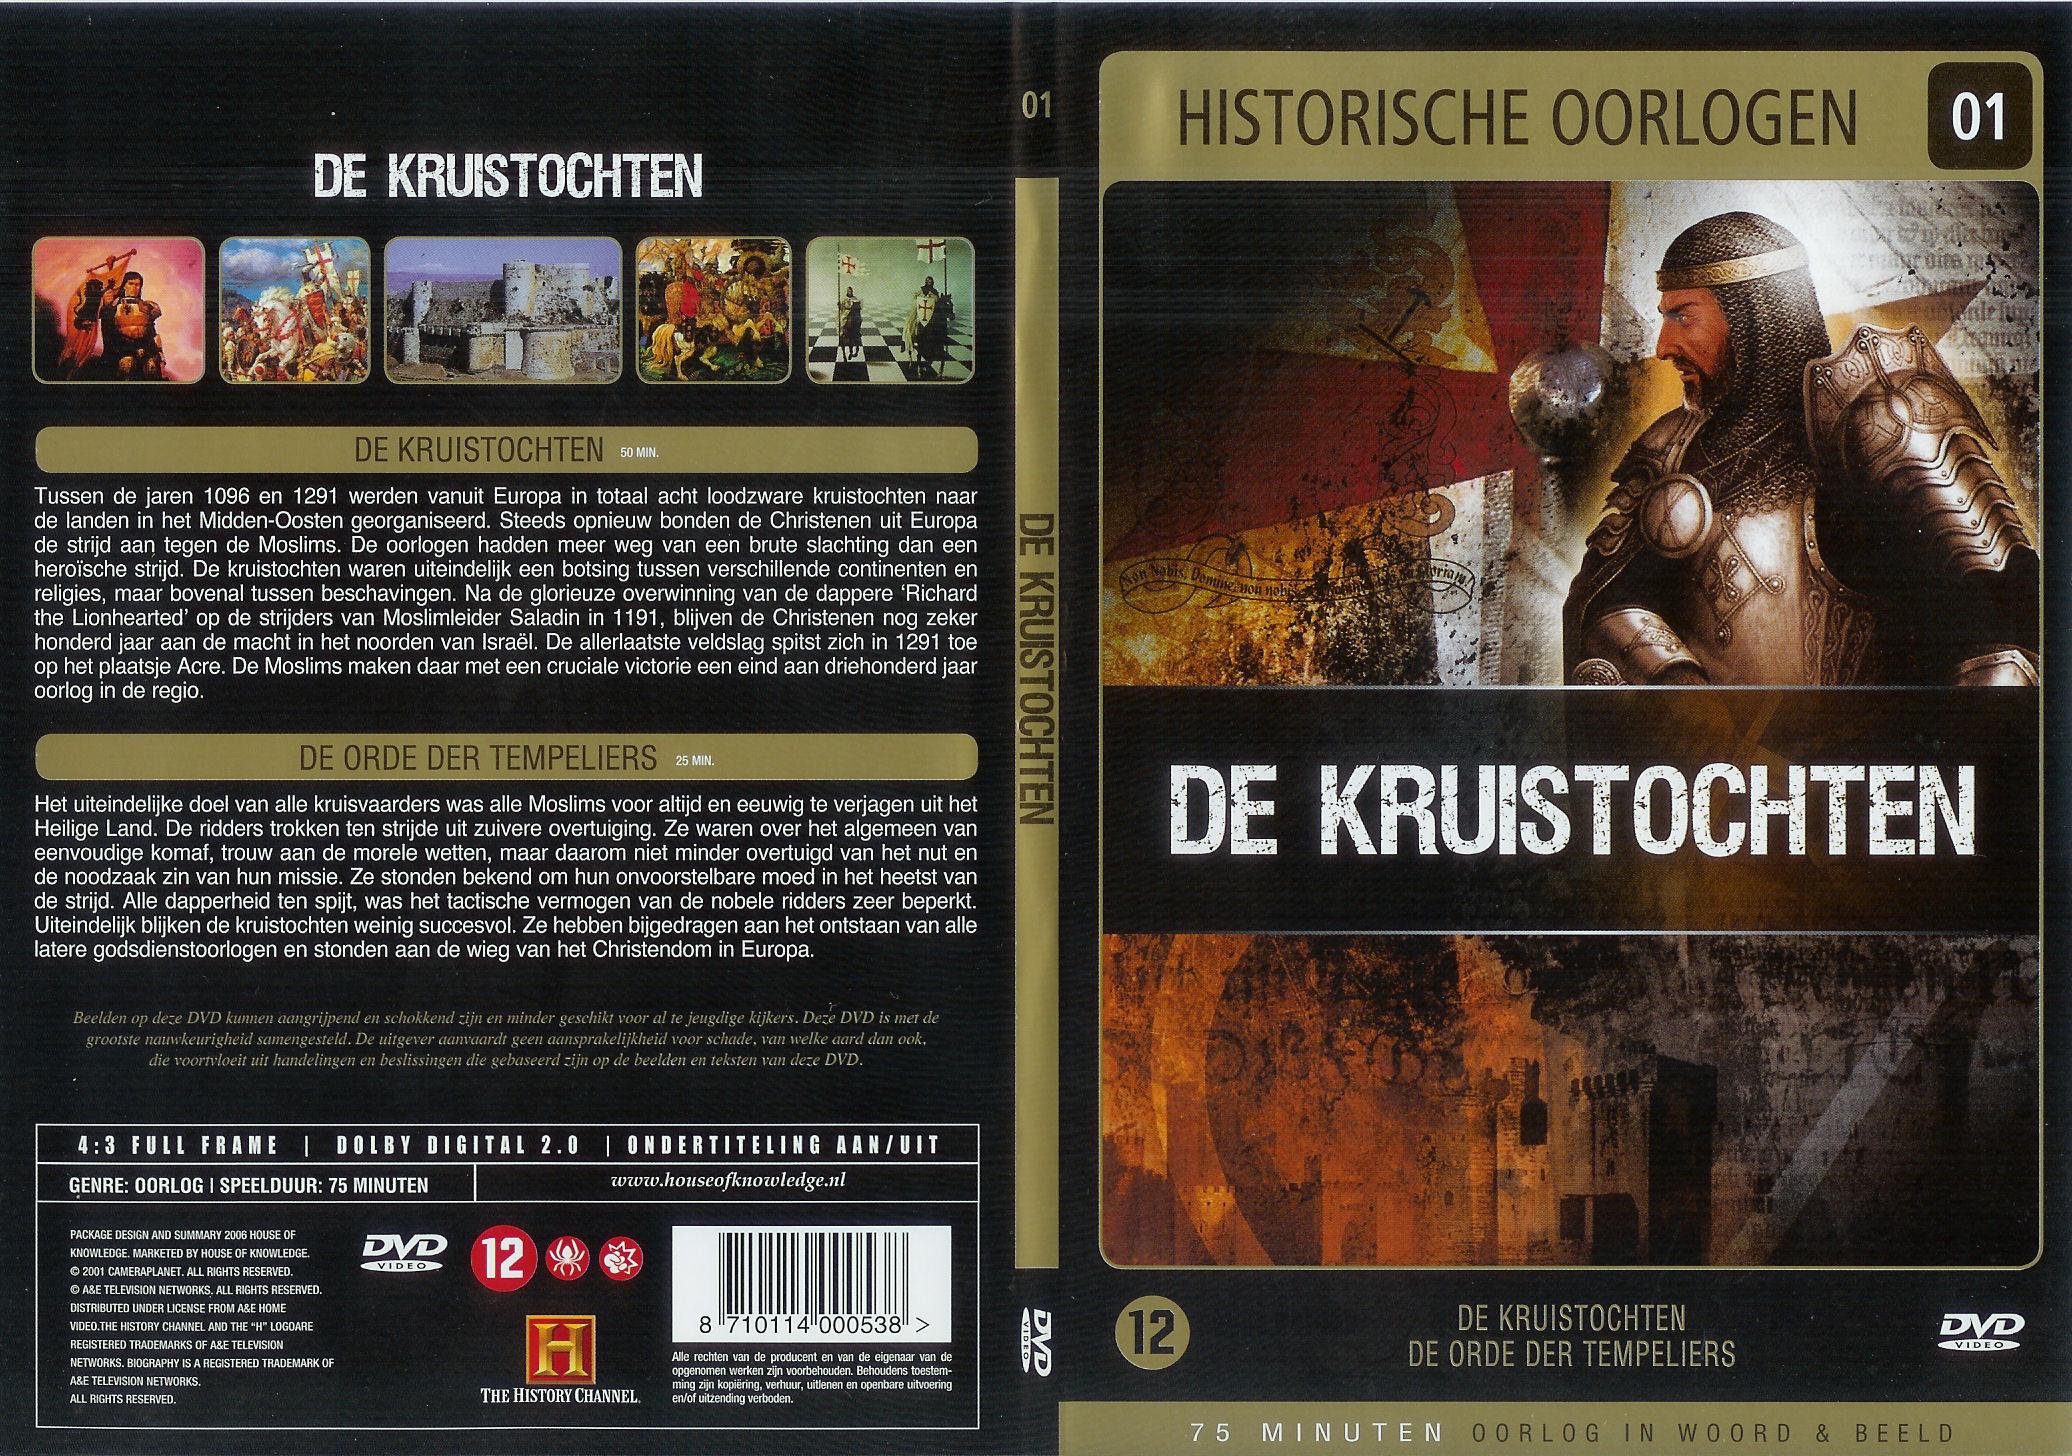 Historische oorlogen 16 de tweede wereldoorlog nl subs tbs